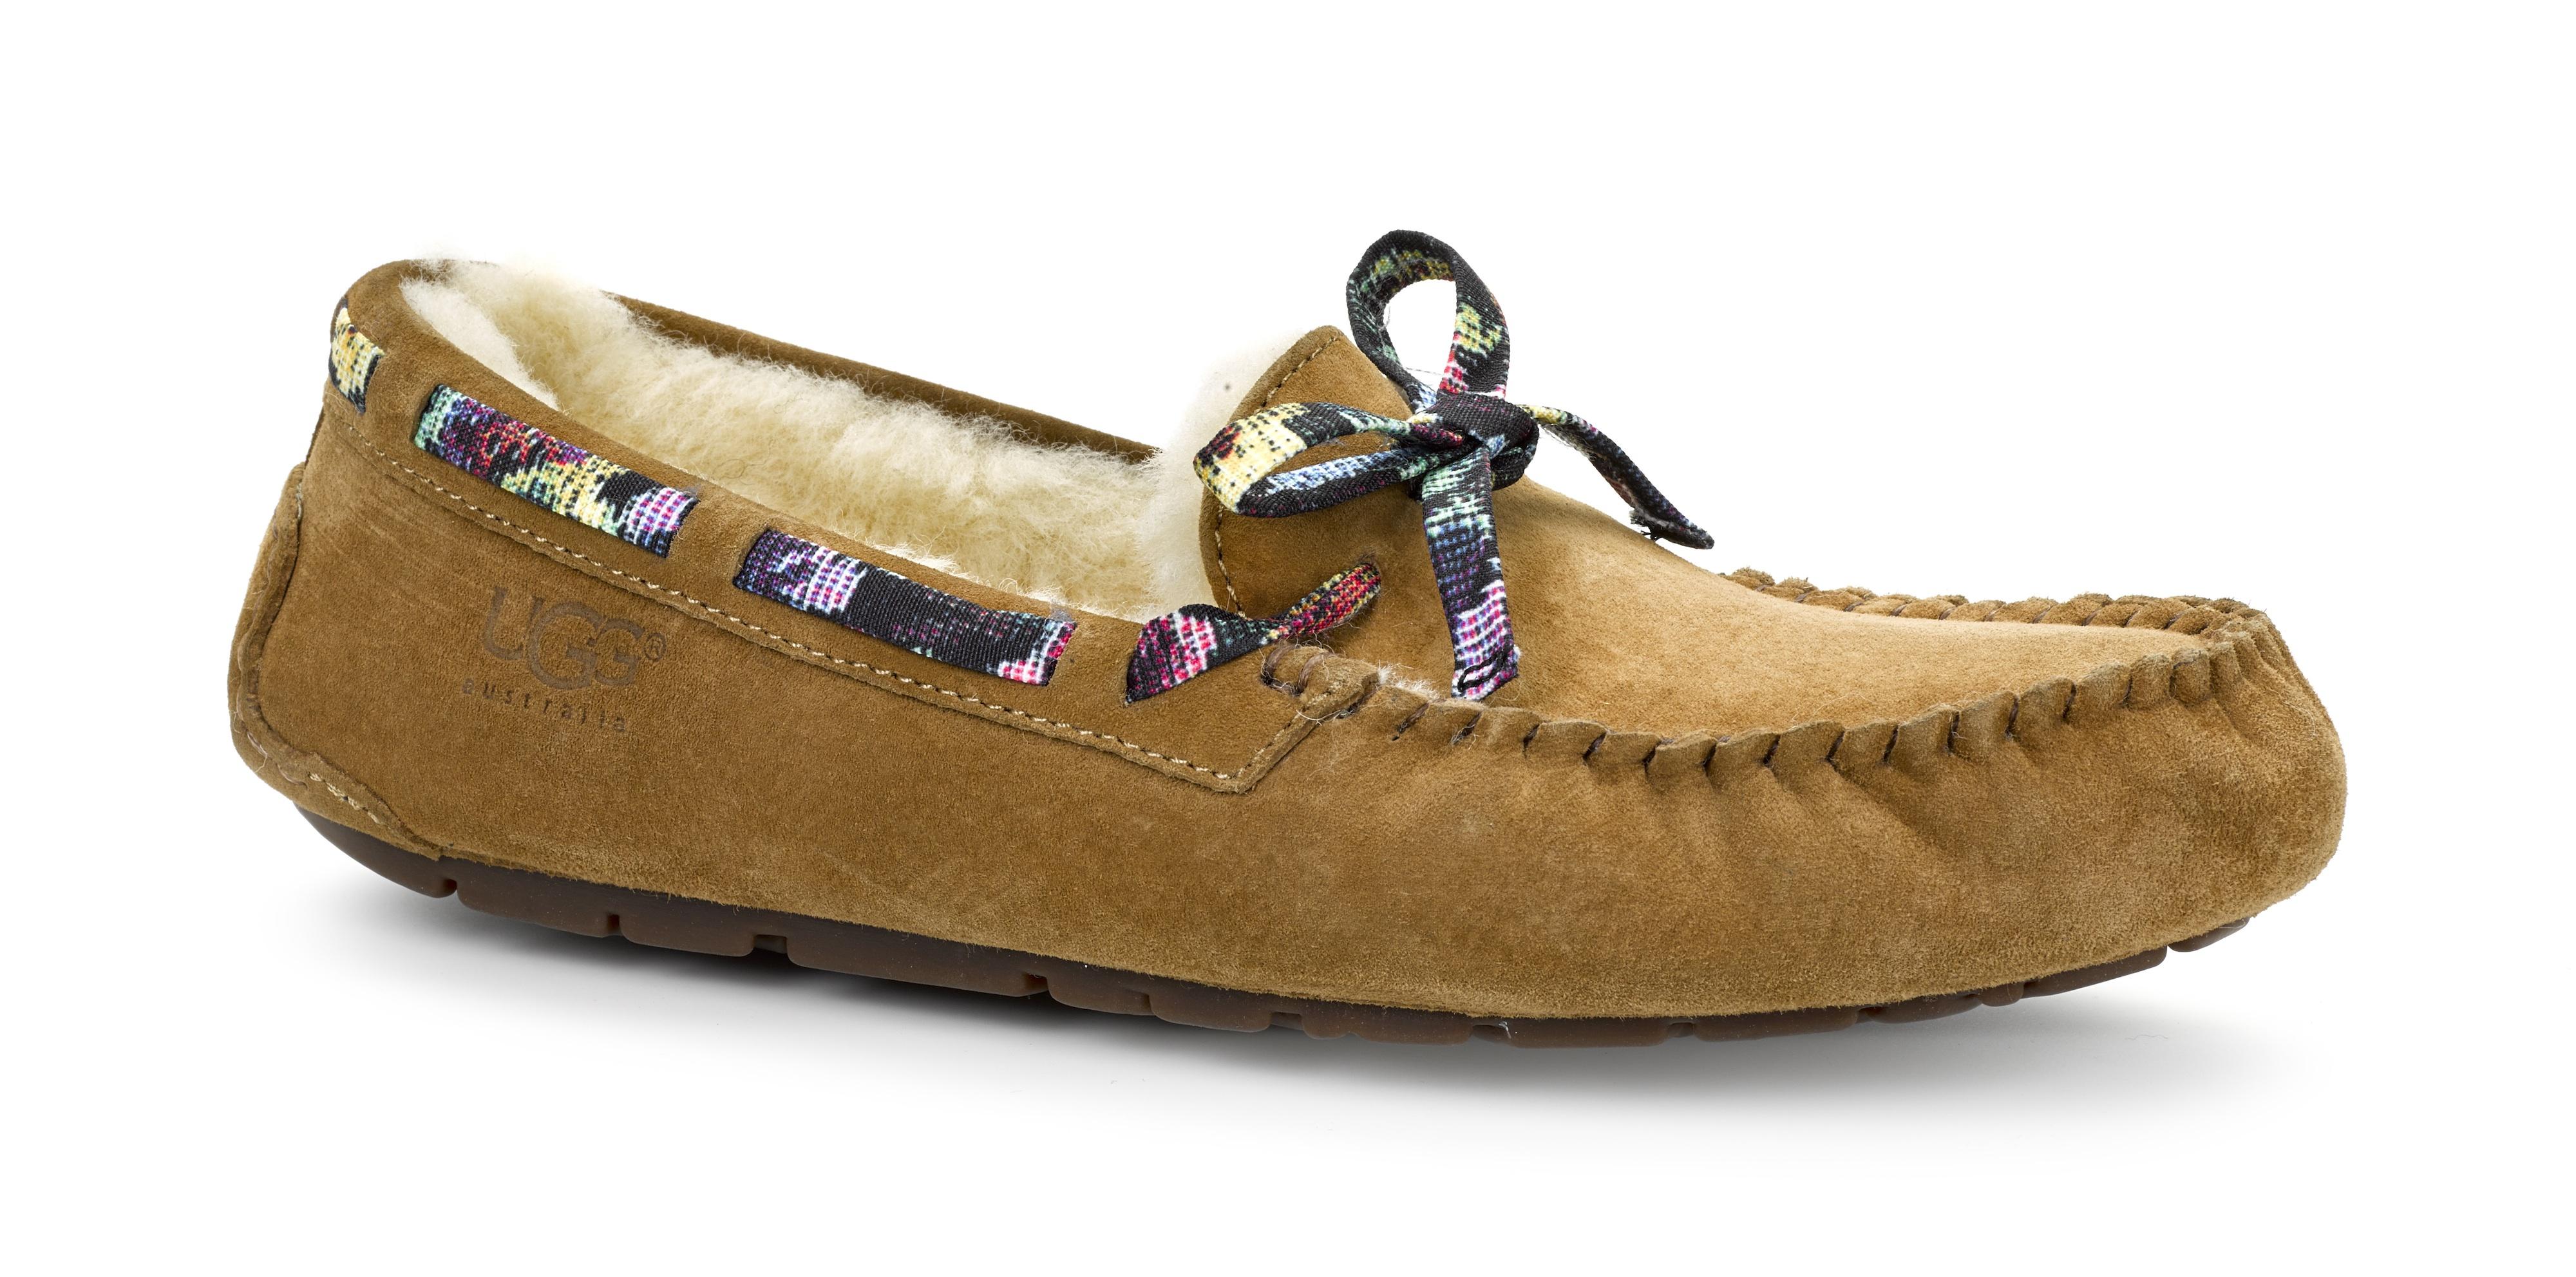 Flowered Ugg Boots Wwwtopsimagescom